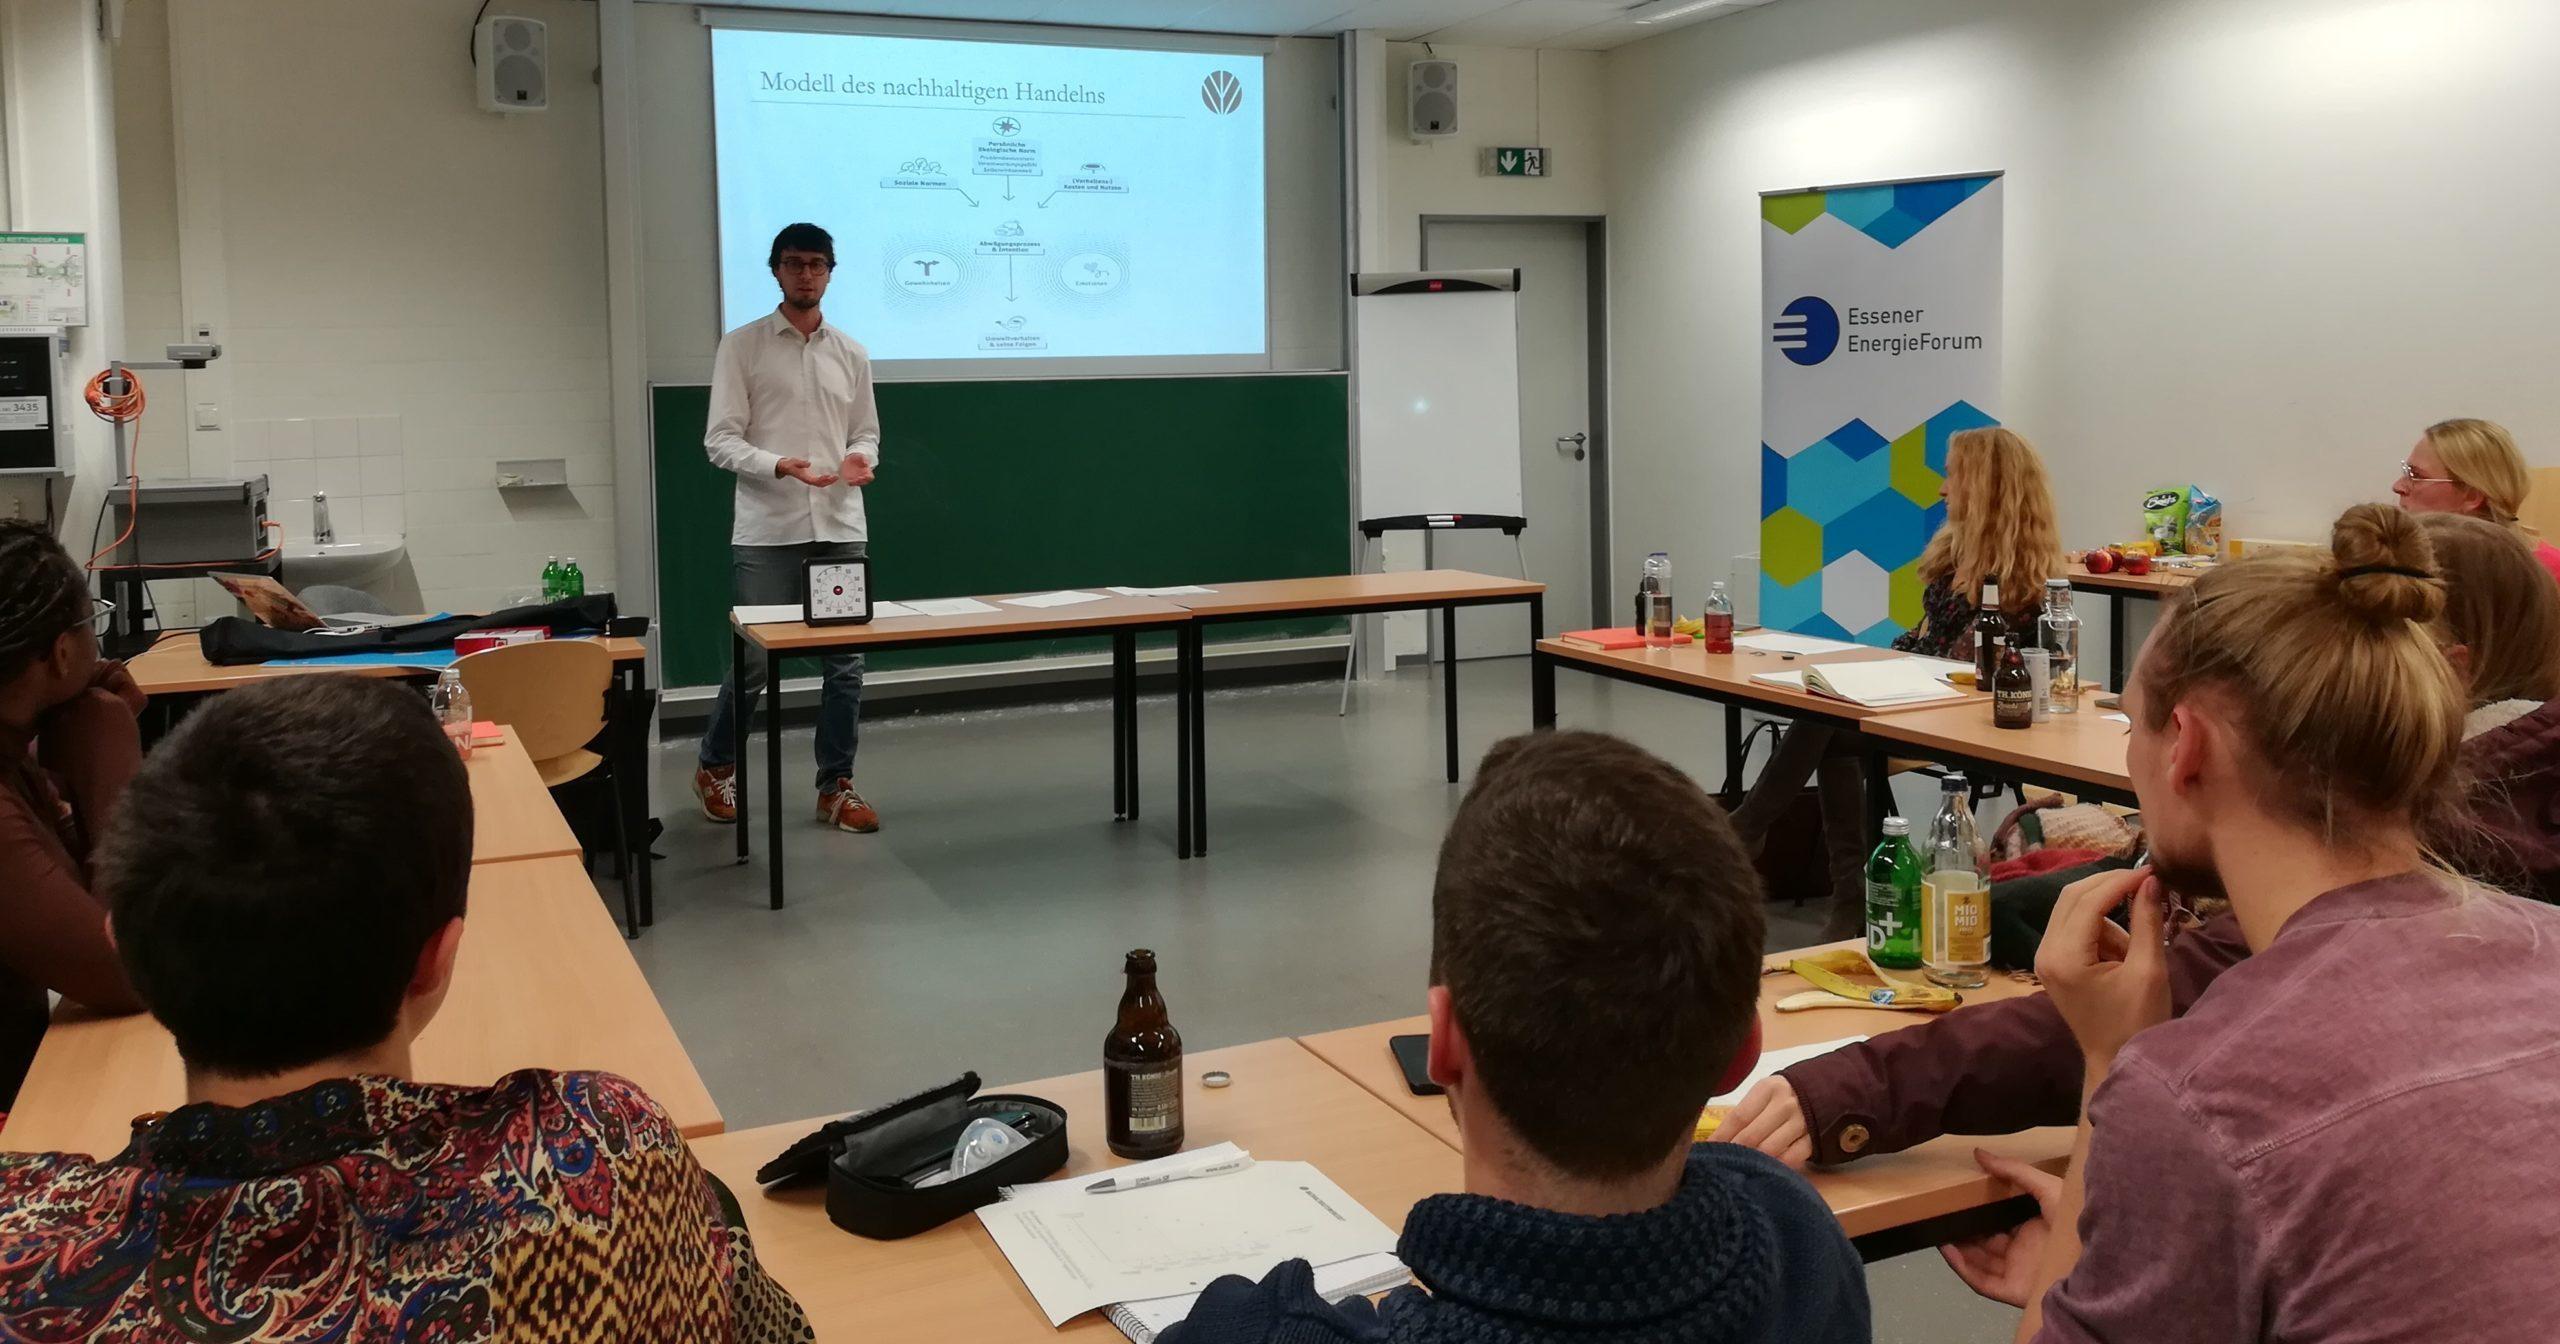 """Workshop """"Nachhaltigkeit und Energiewende"""""""